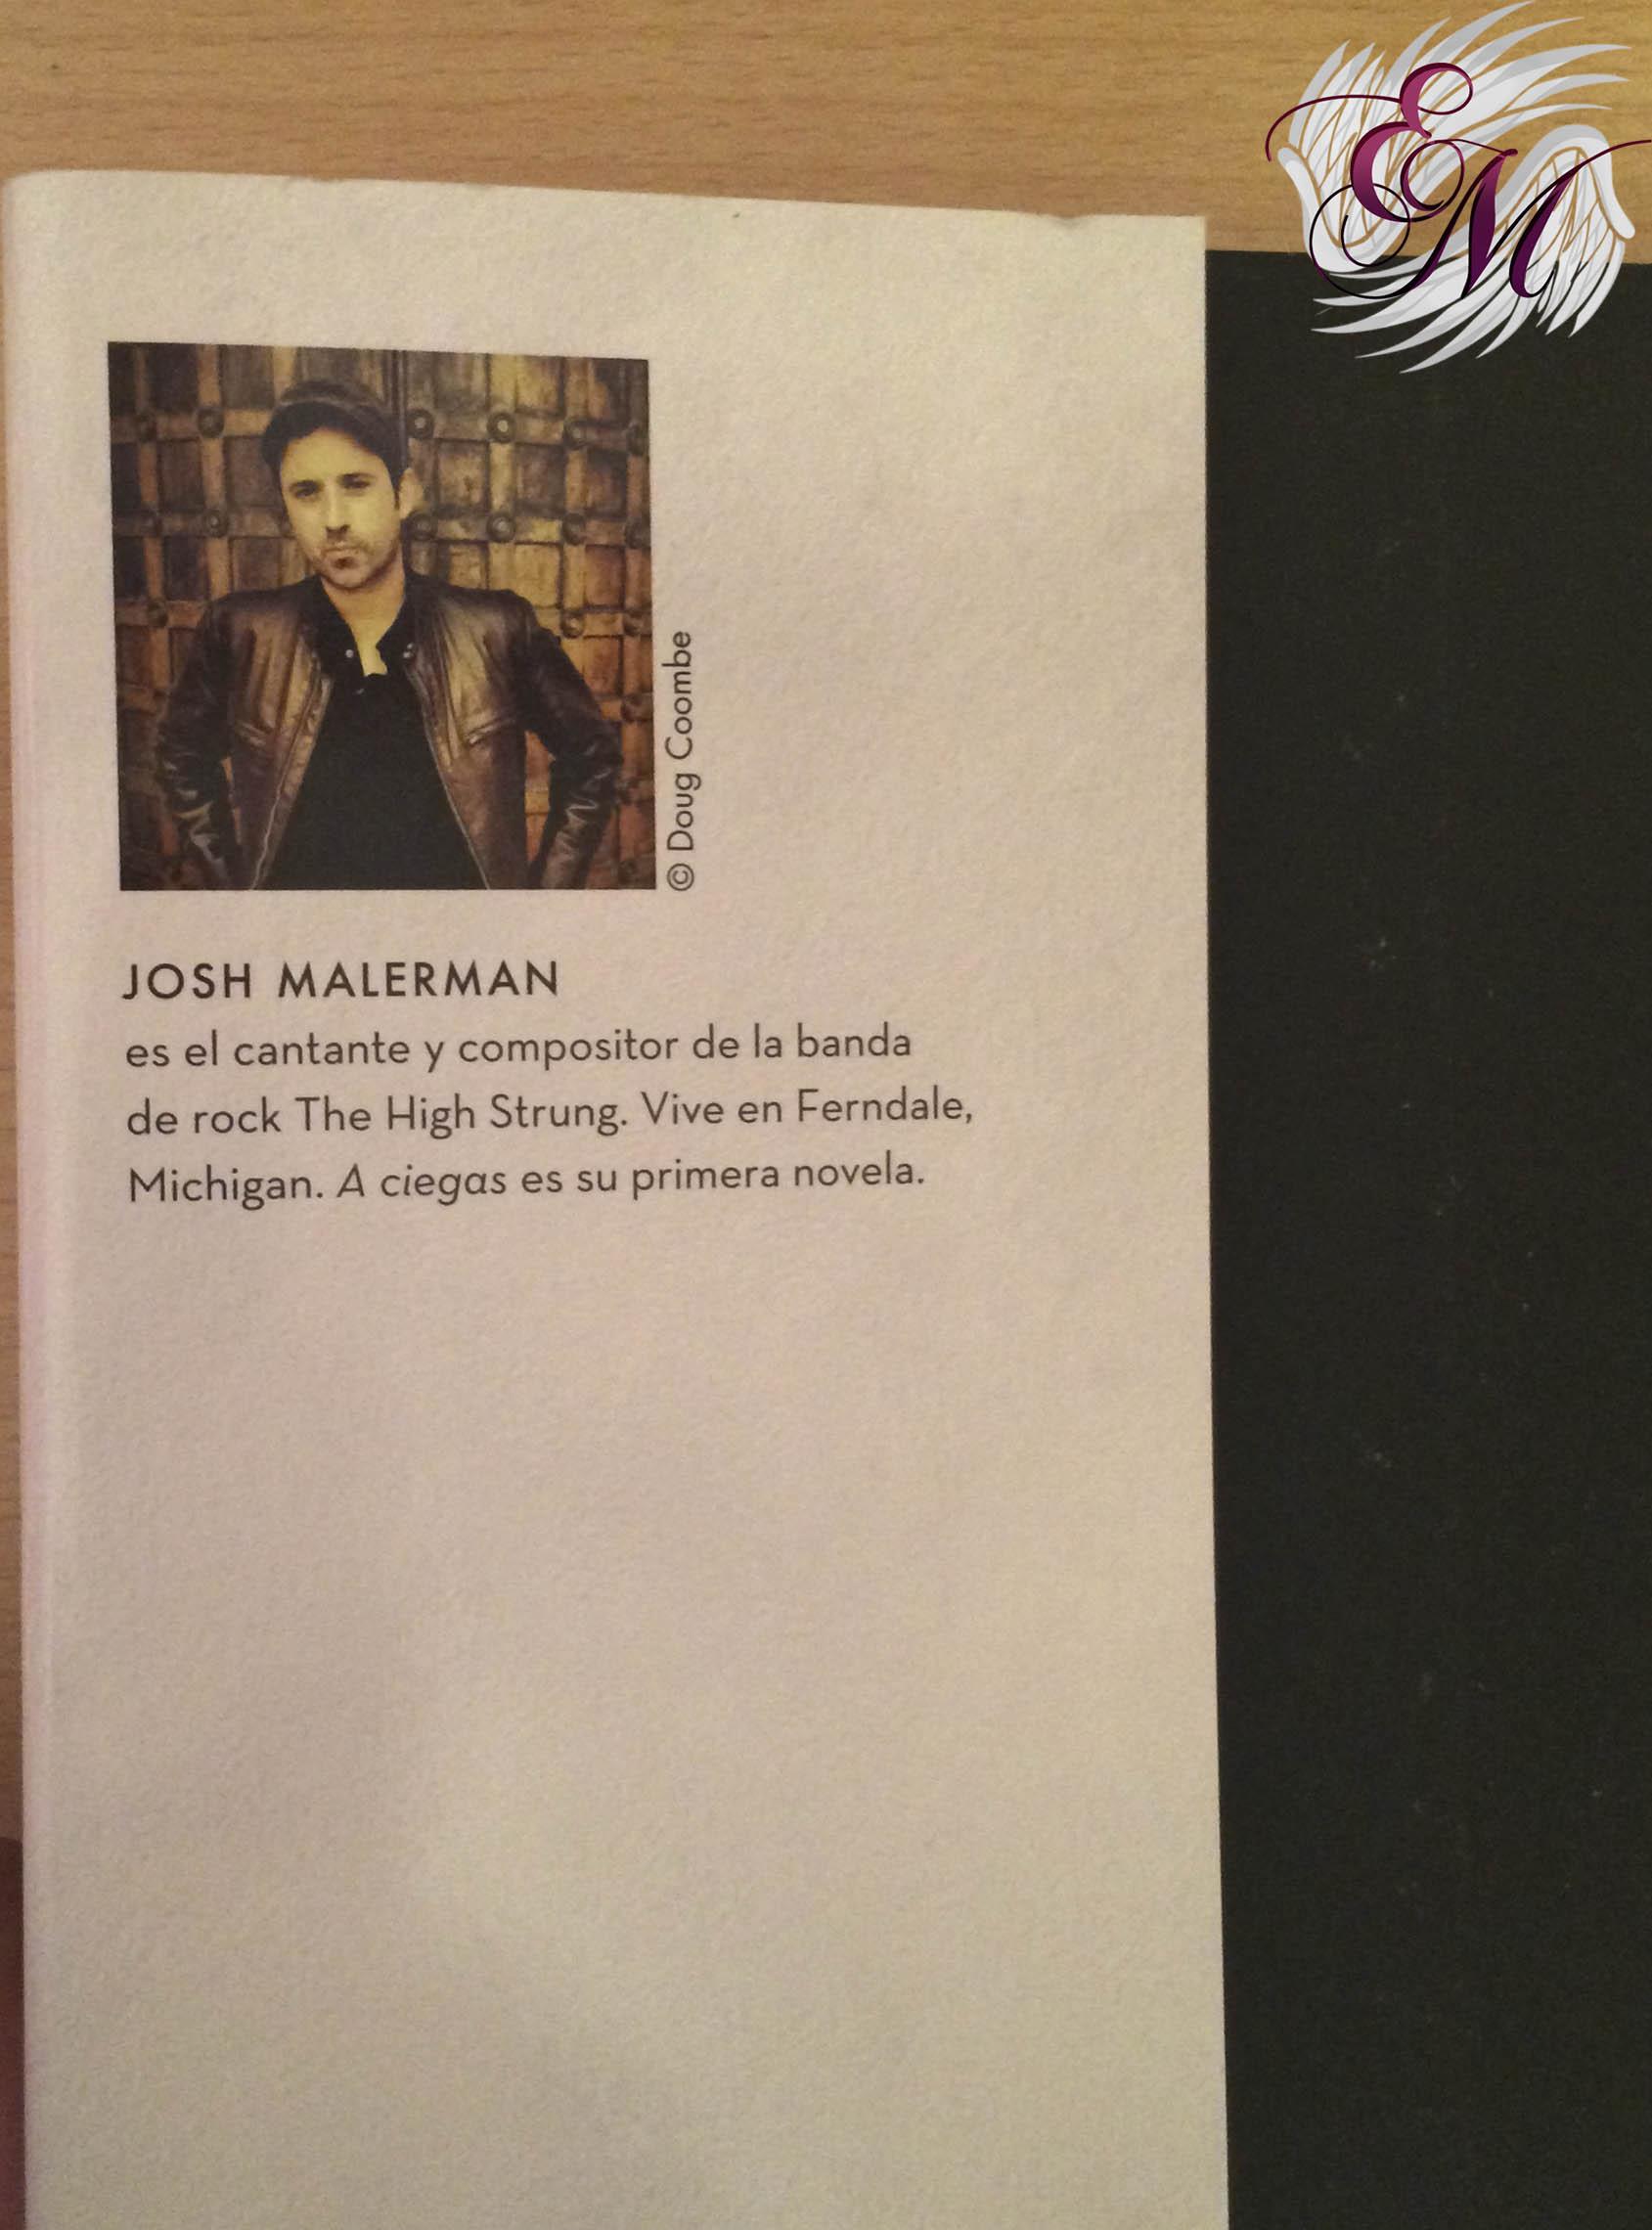 A ciegas - Josh Malerman - solapa de alante